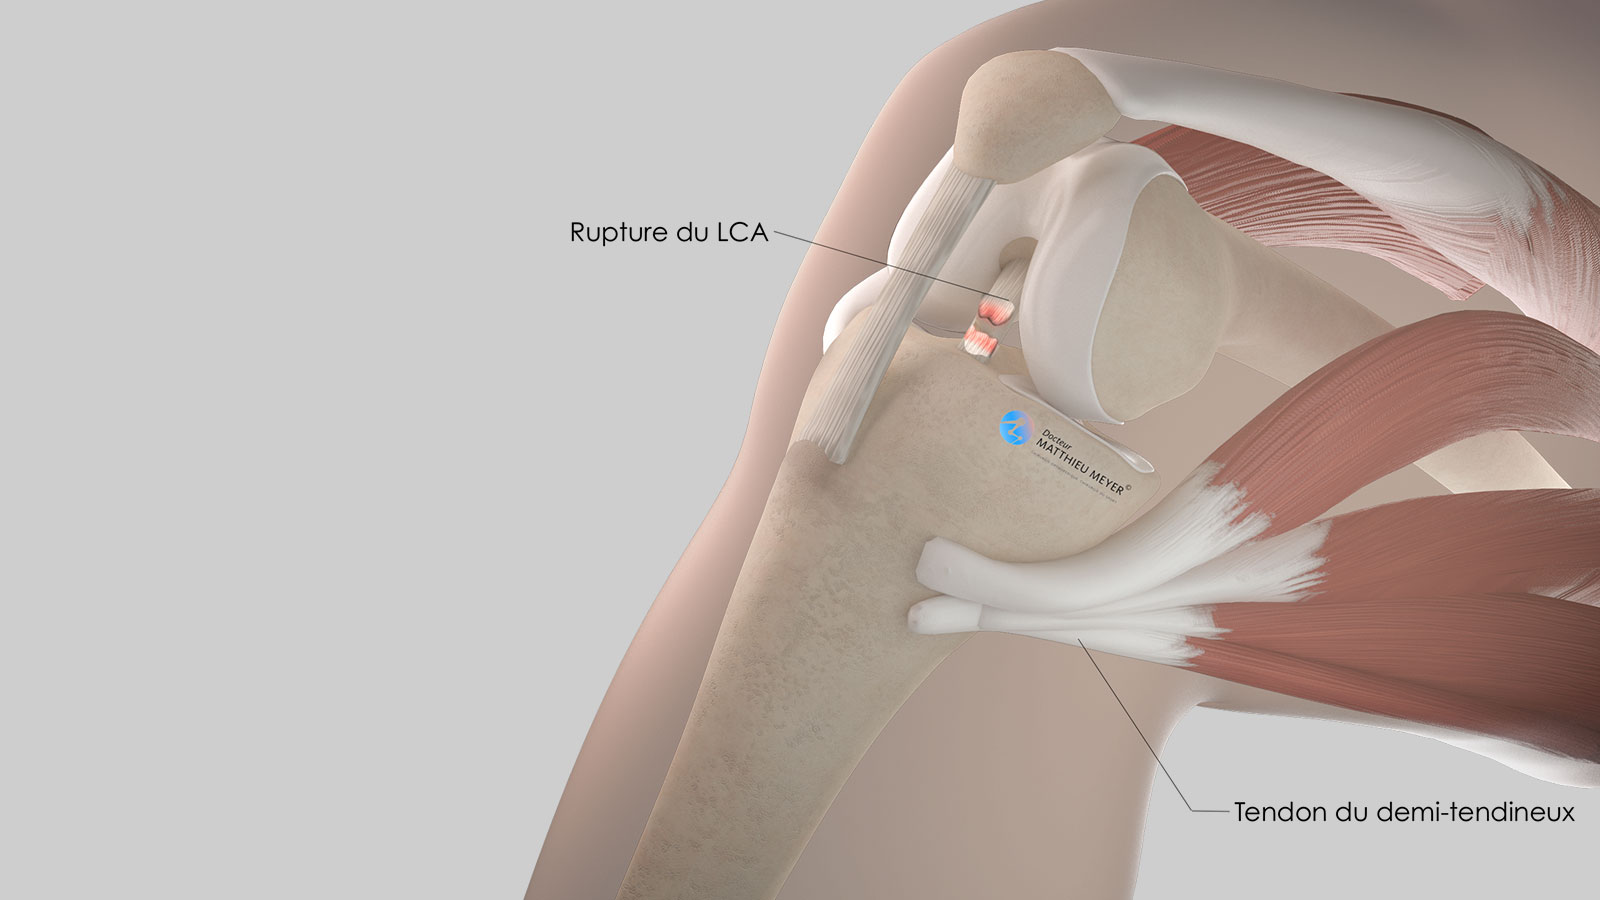 Repérage du tendon du demi-tendineux